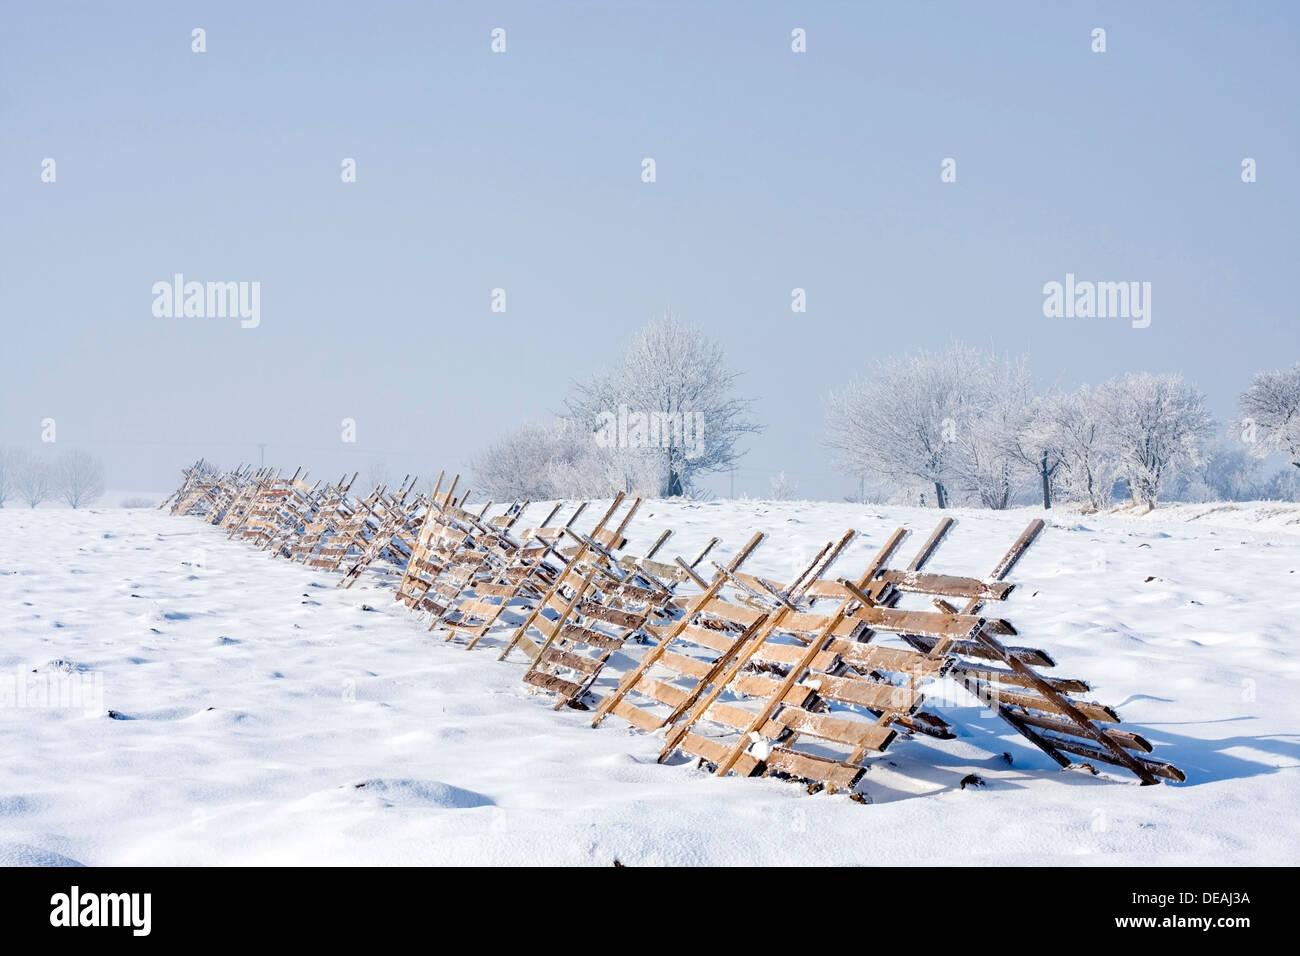 Windbreaks near Oldrichovice, Zlin Region, Czech Republic, Europe - Stock Image